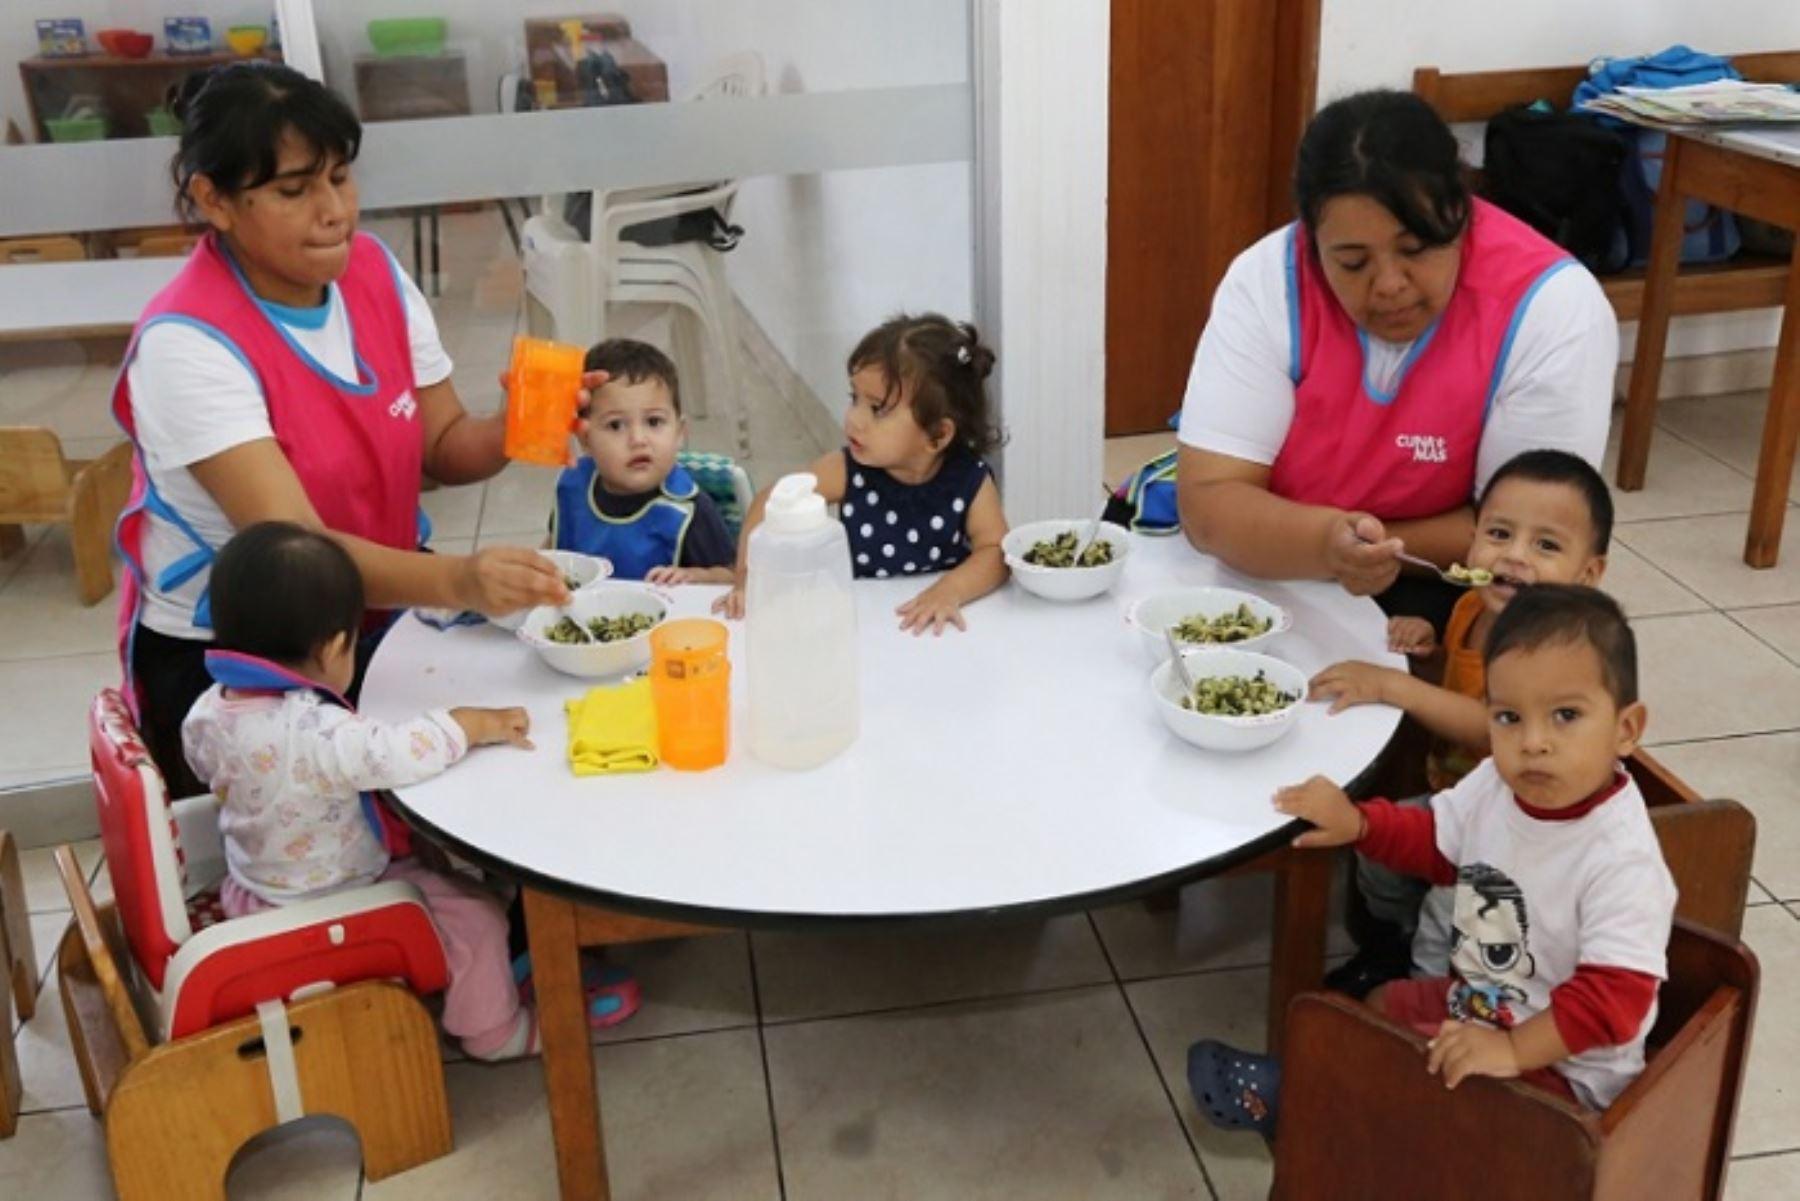 Las raciones alimenticias que brinda el Programa Nacional Cuna Más (PNCM) del Ministerio de Desarrollo e Inclusión Social (Midis), cubren el 100% del requerimiento de nutrientes que necesitan para su crecimiento y desarrollo los menores de tres años atendidos en su Servicio de Cuidado Diurno (SCD) a nivel nacional.